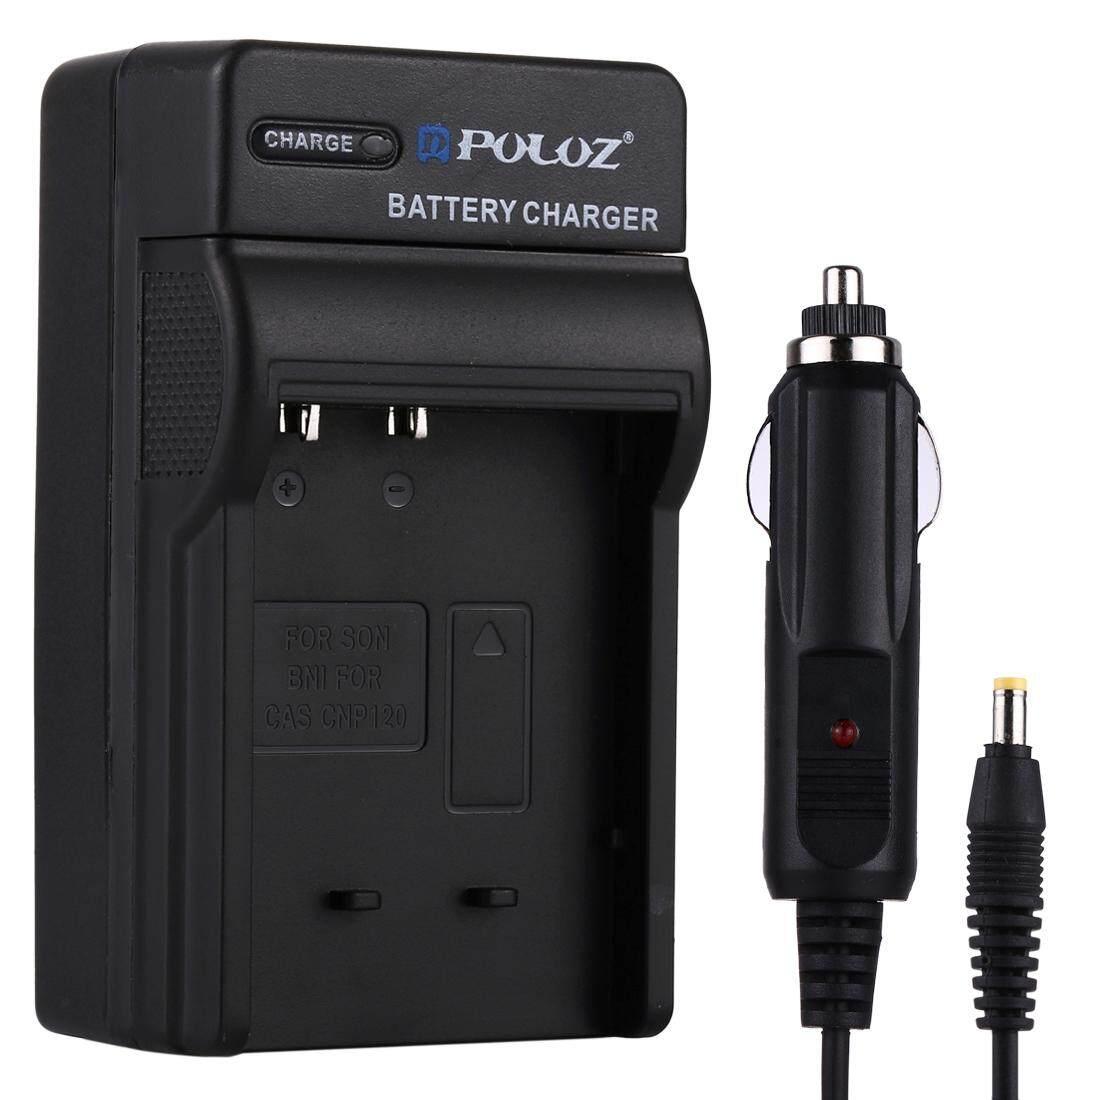 Puluz Kamera Digital Pengisi Daya Baterai Mobil UNTUK Casio CNP120-Intl